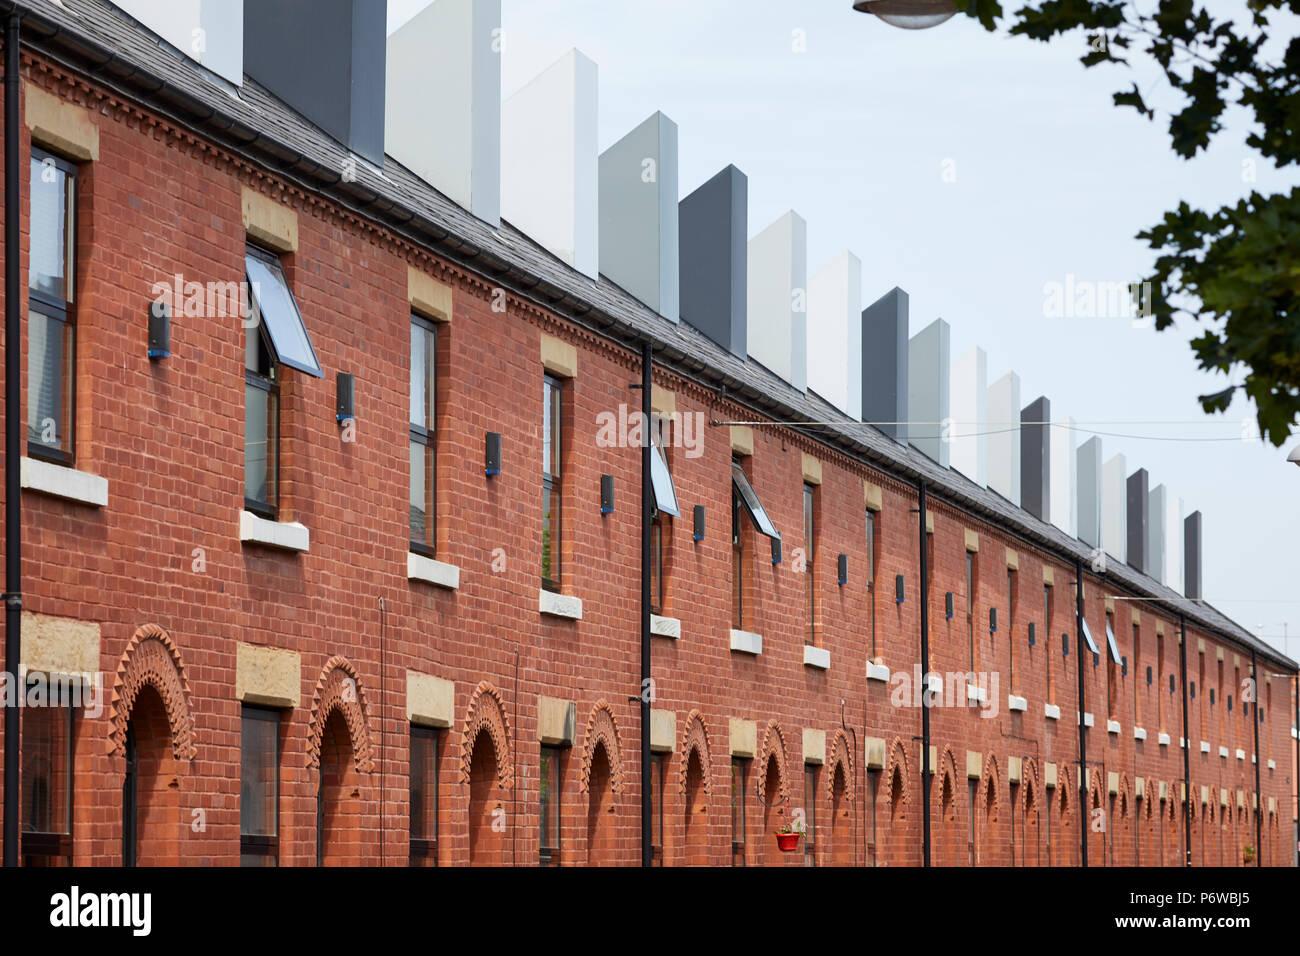 Chimney Pot Park es una comunidad urbana de boca abajo casas en Salford, Manchester. Reformado casas adosadas en langworthy por Urbansplash Imagen De Stock